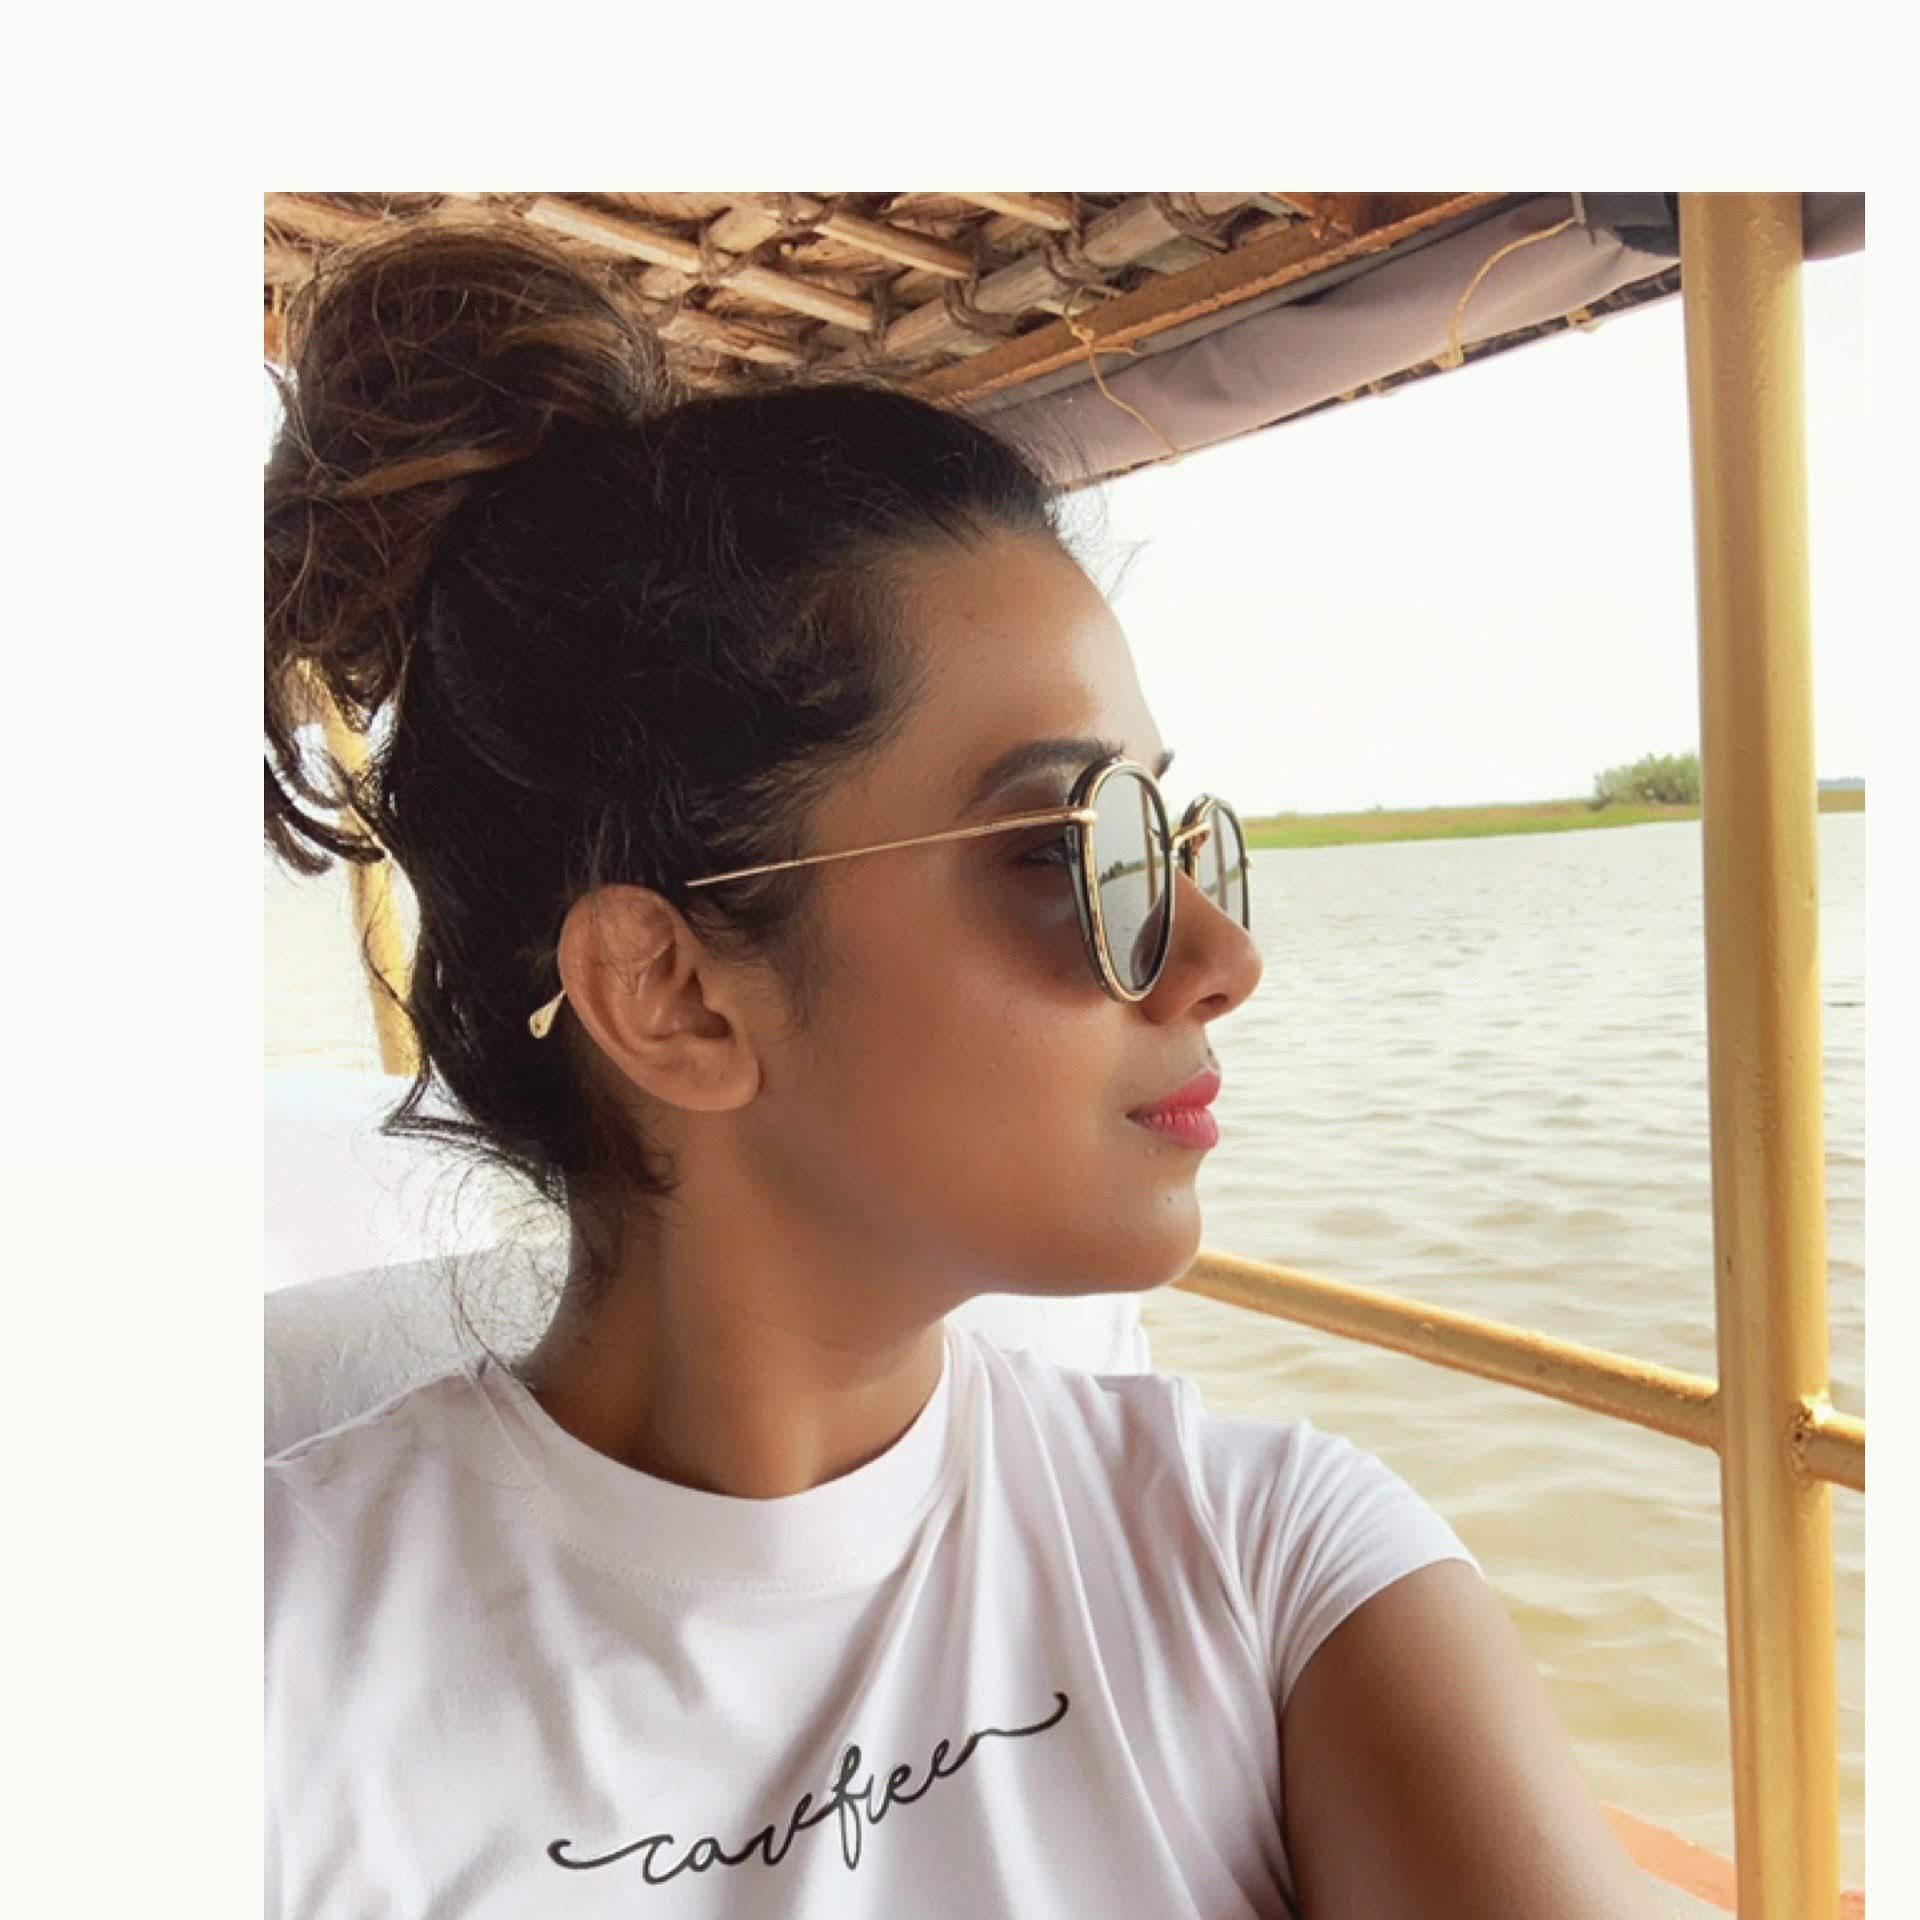 Shilpa-Manjunath-image-15